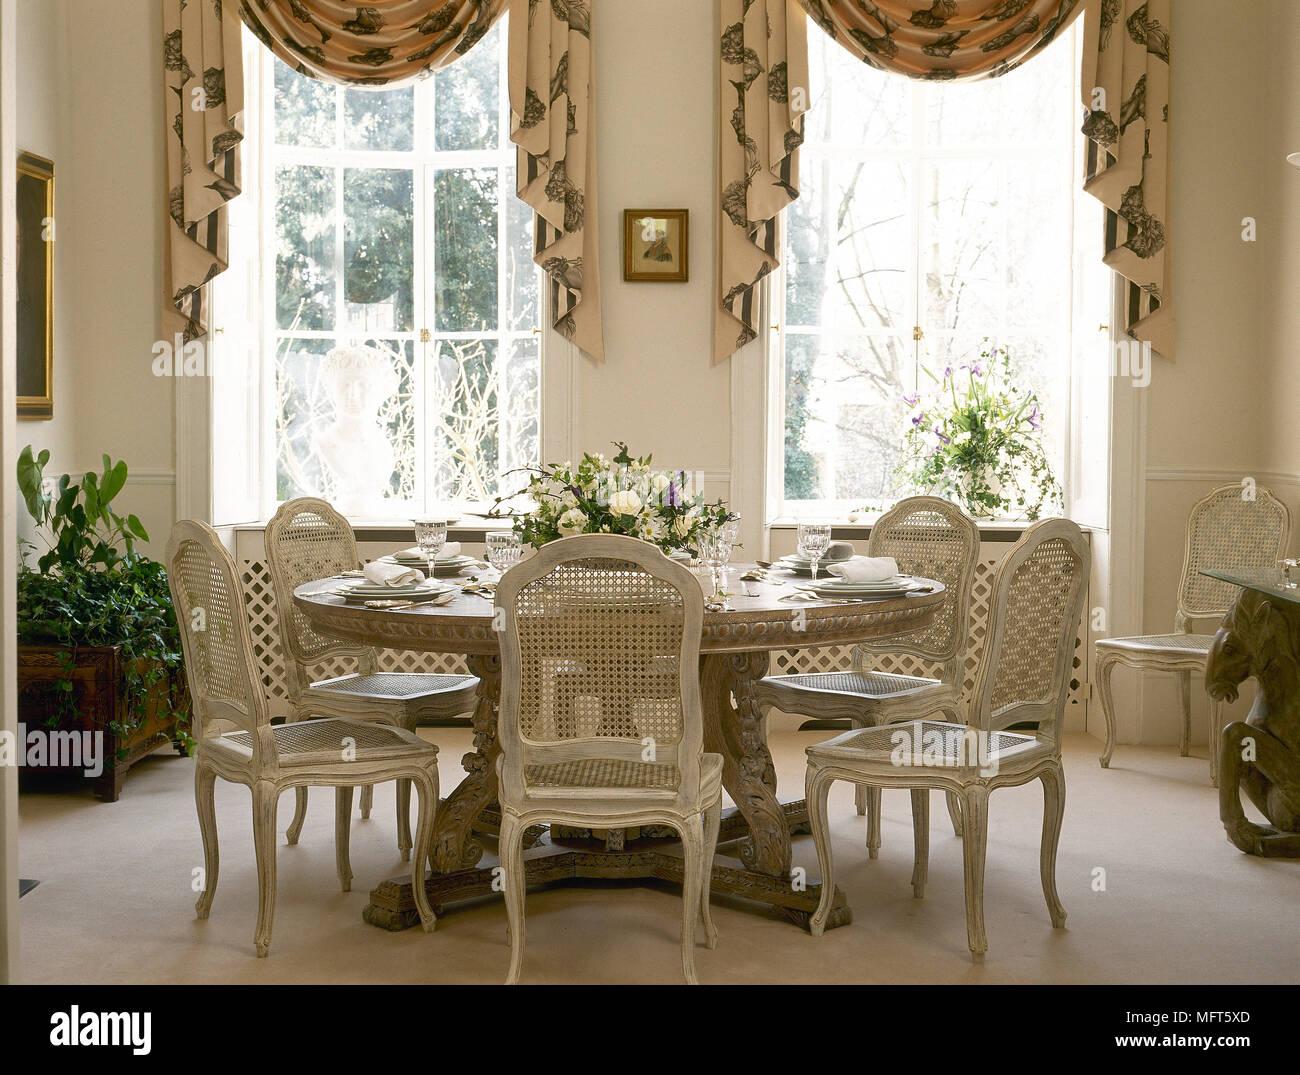 Ein Traditionelles Neutral Esszimmer Mit Rundem Tisch Malte